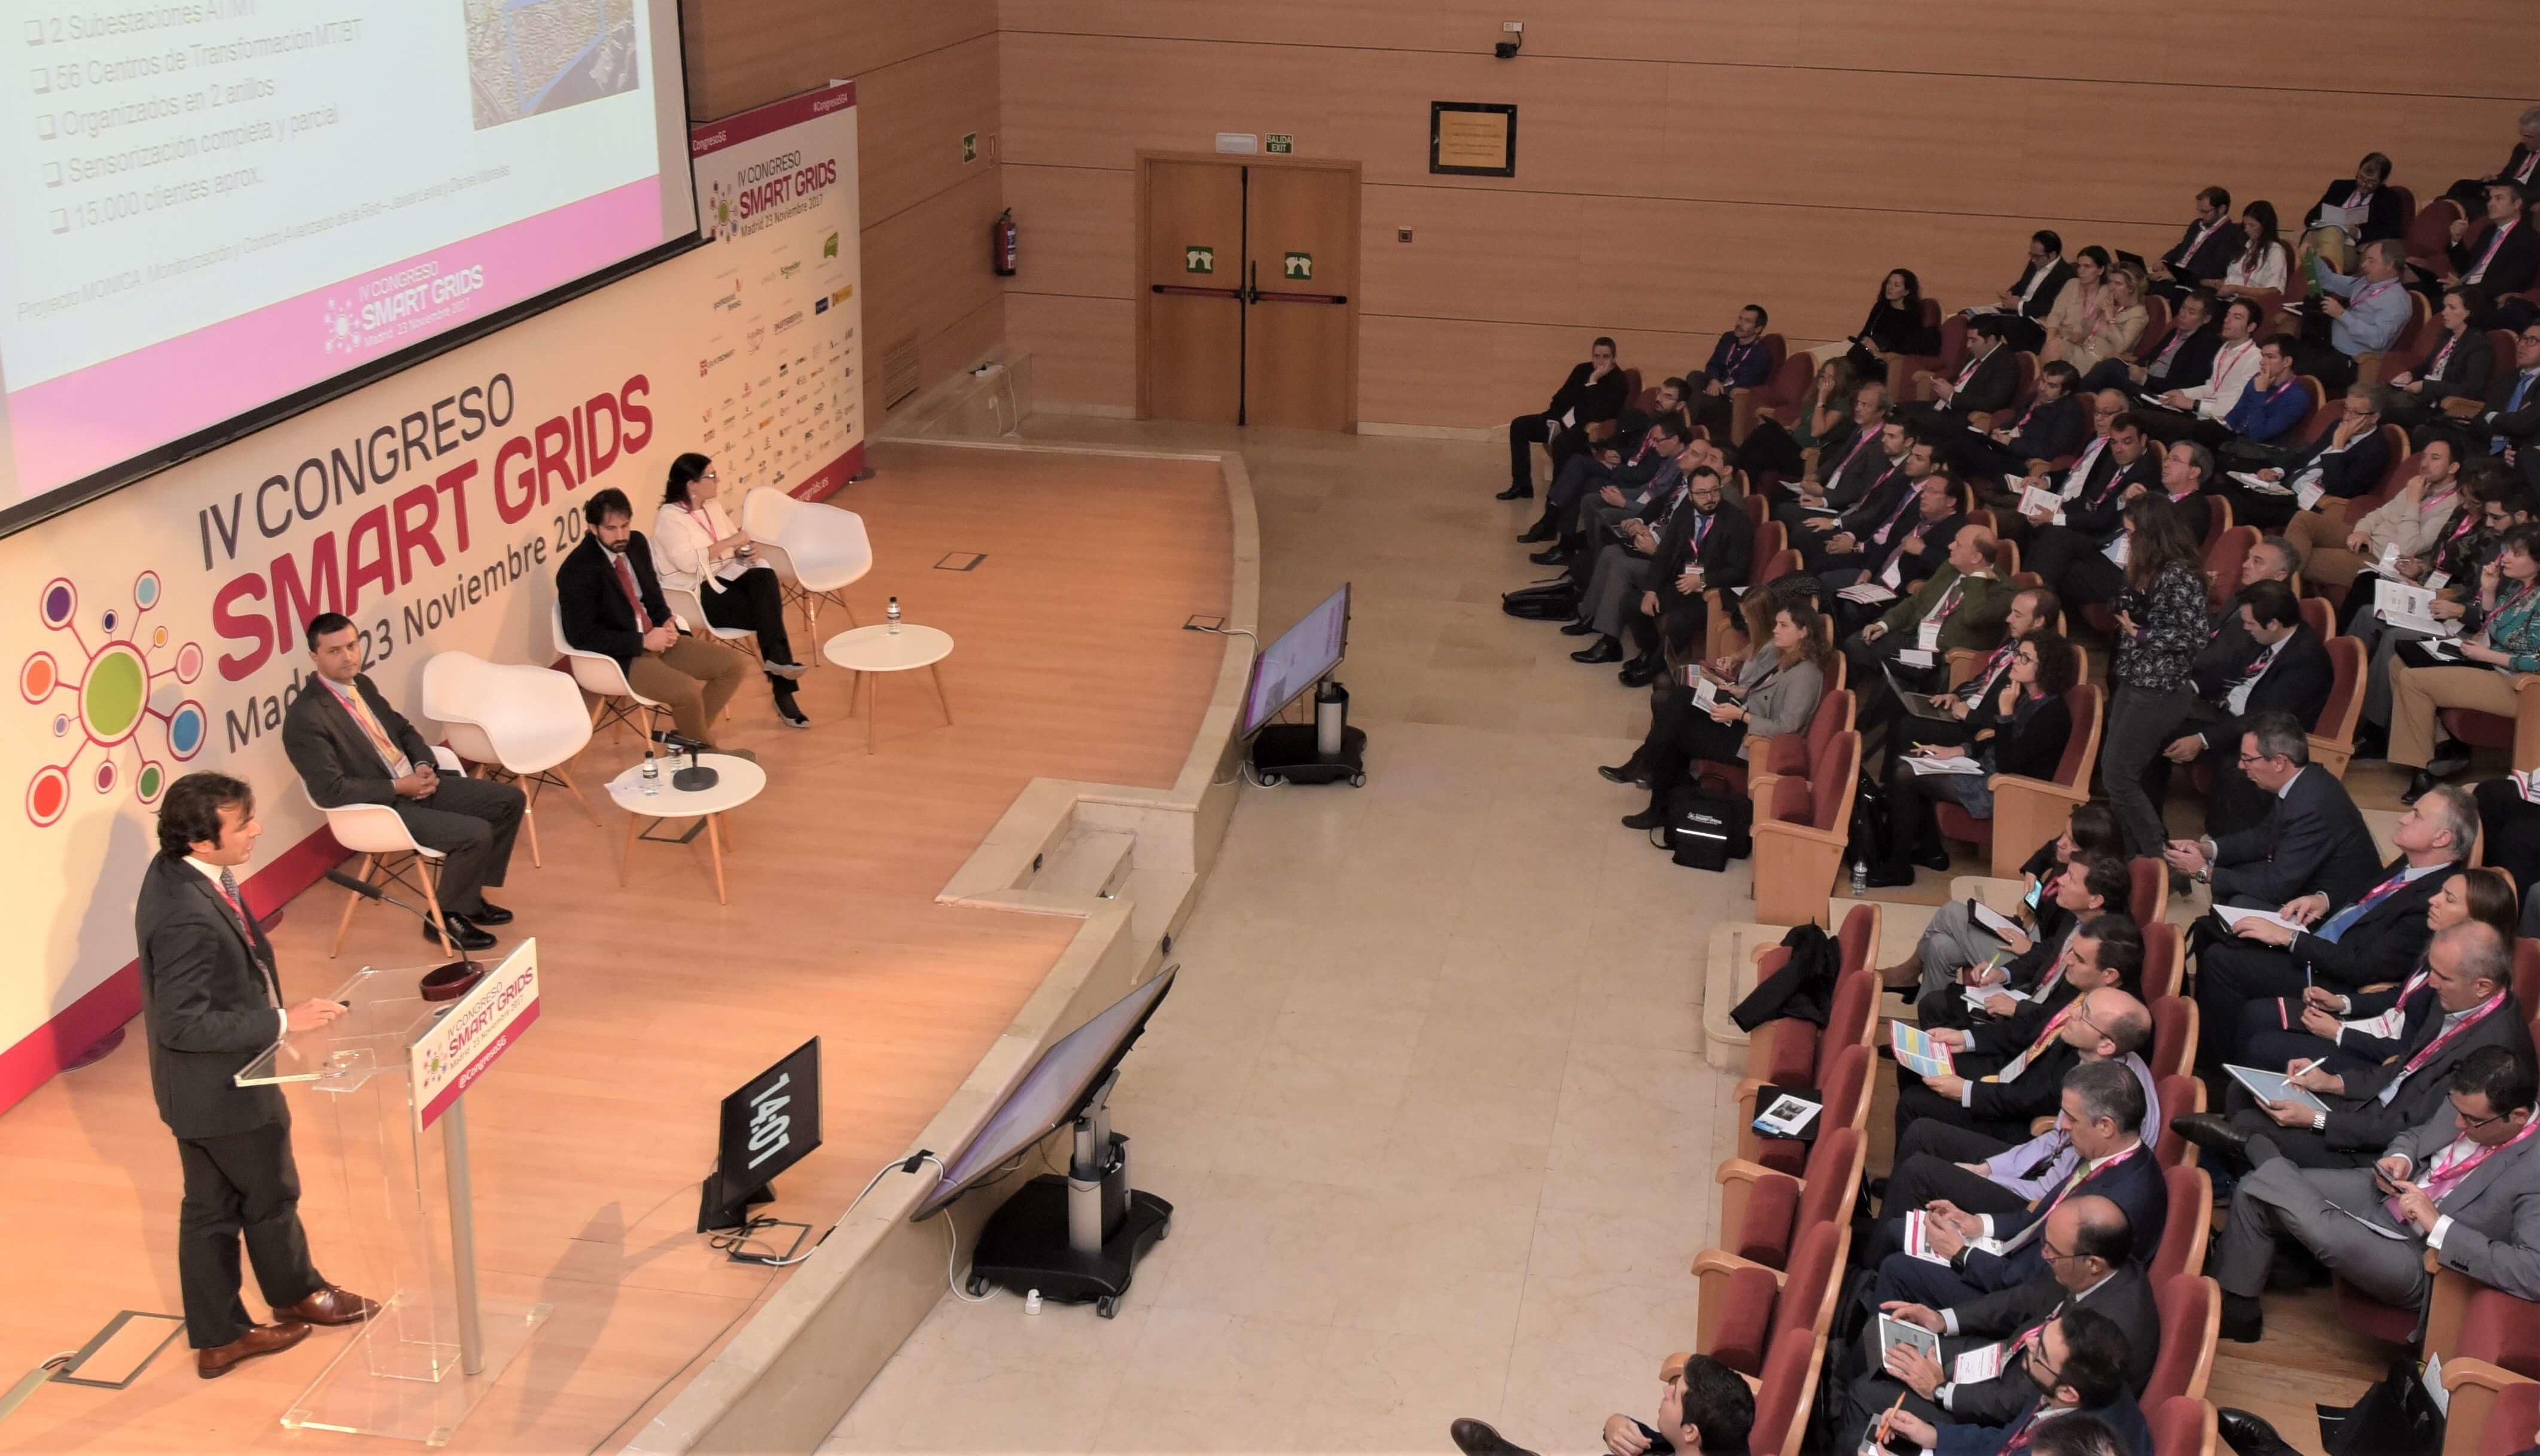 Ponencia Oral en IV Congreso Smart Grids 2017